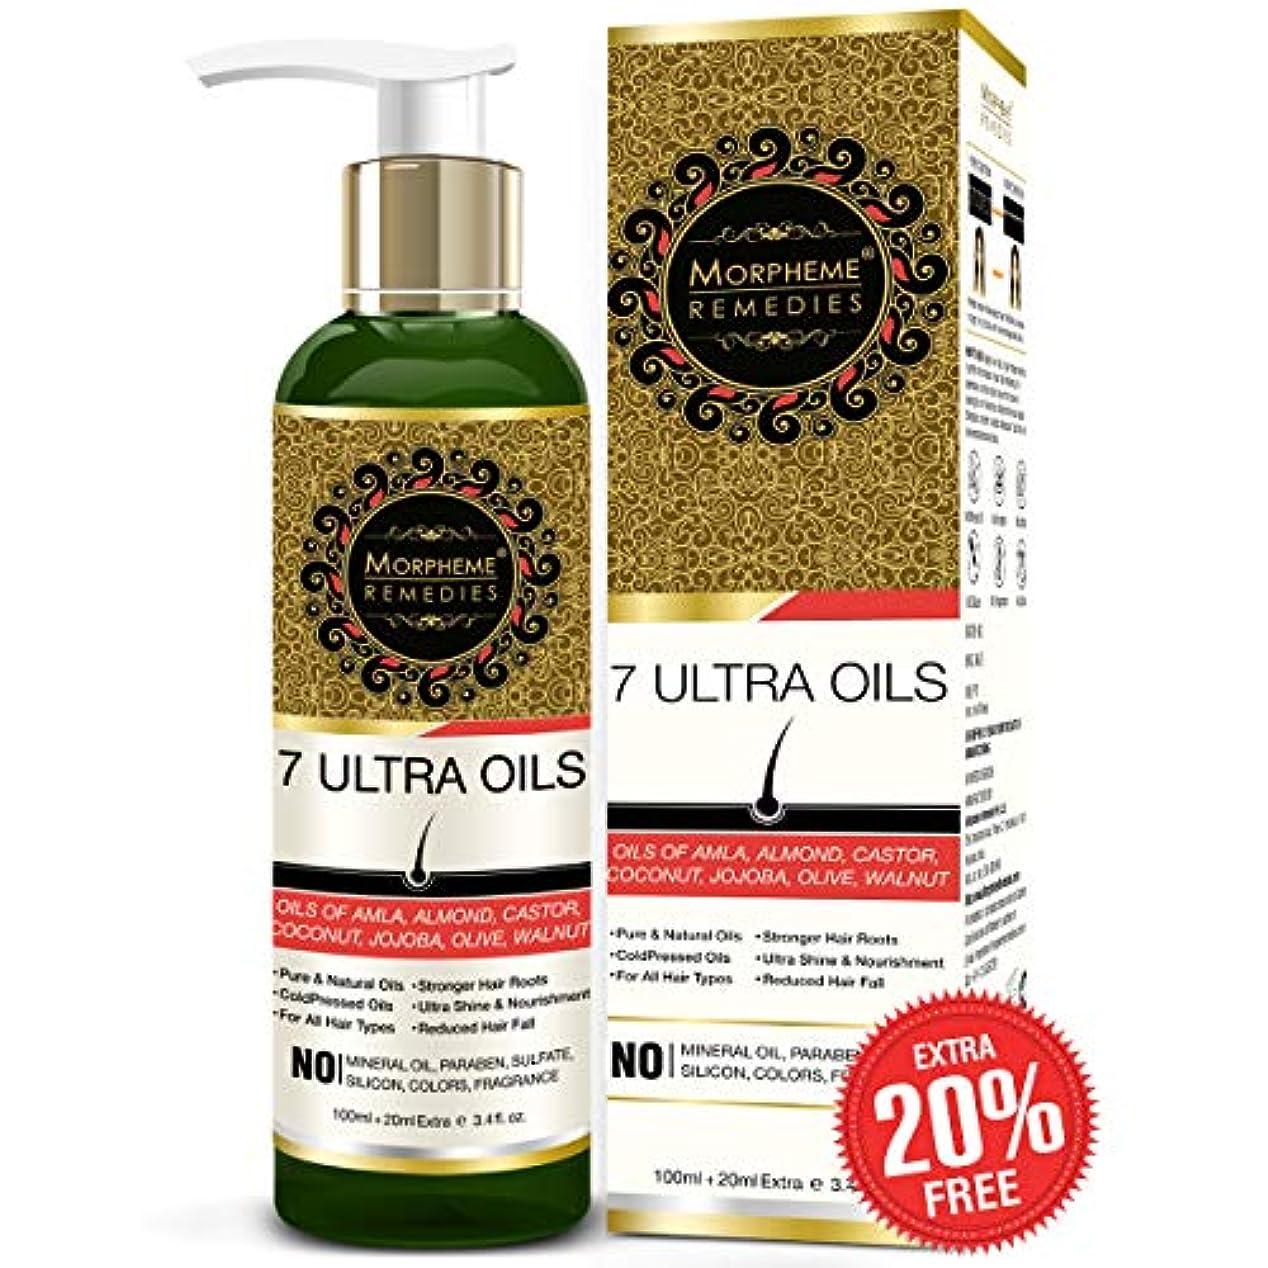 最後のに渡って輸送Morpheme Remedies 7 Ultra Hair Oil - (Almond, Castor, Jojoba, Coconut, Olive, Walnut, Amla Oils) - 120 ml